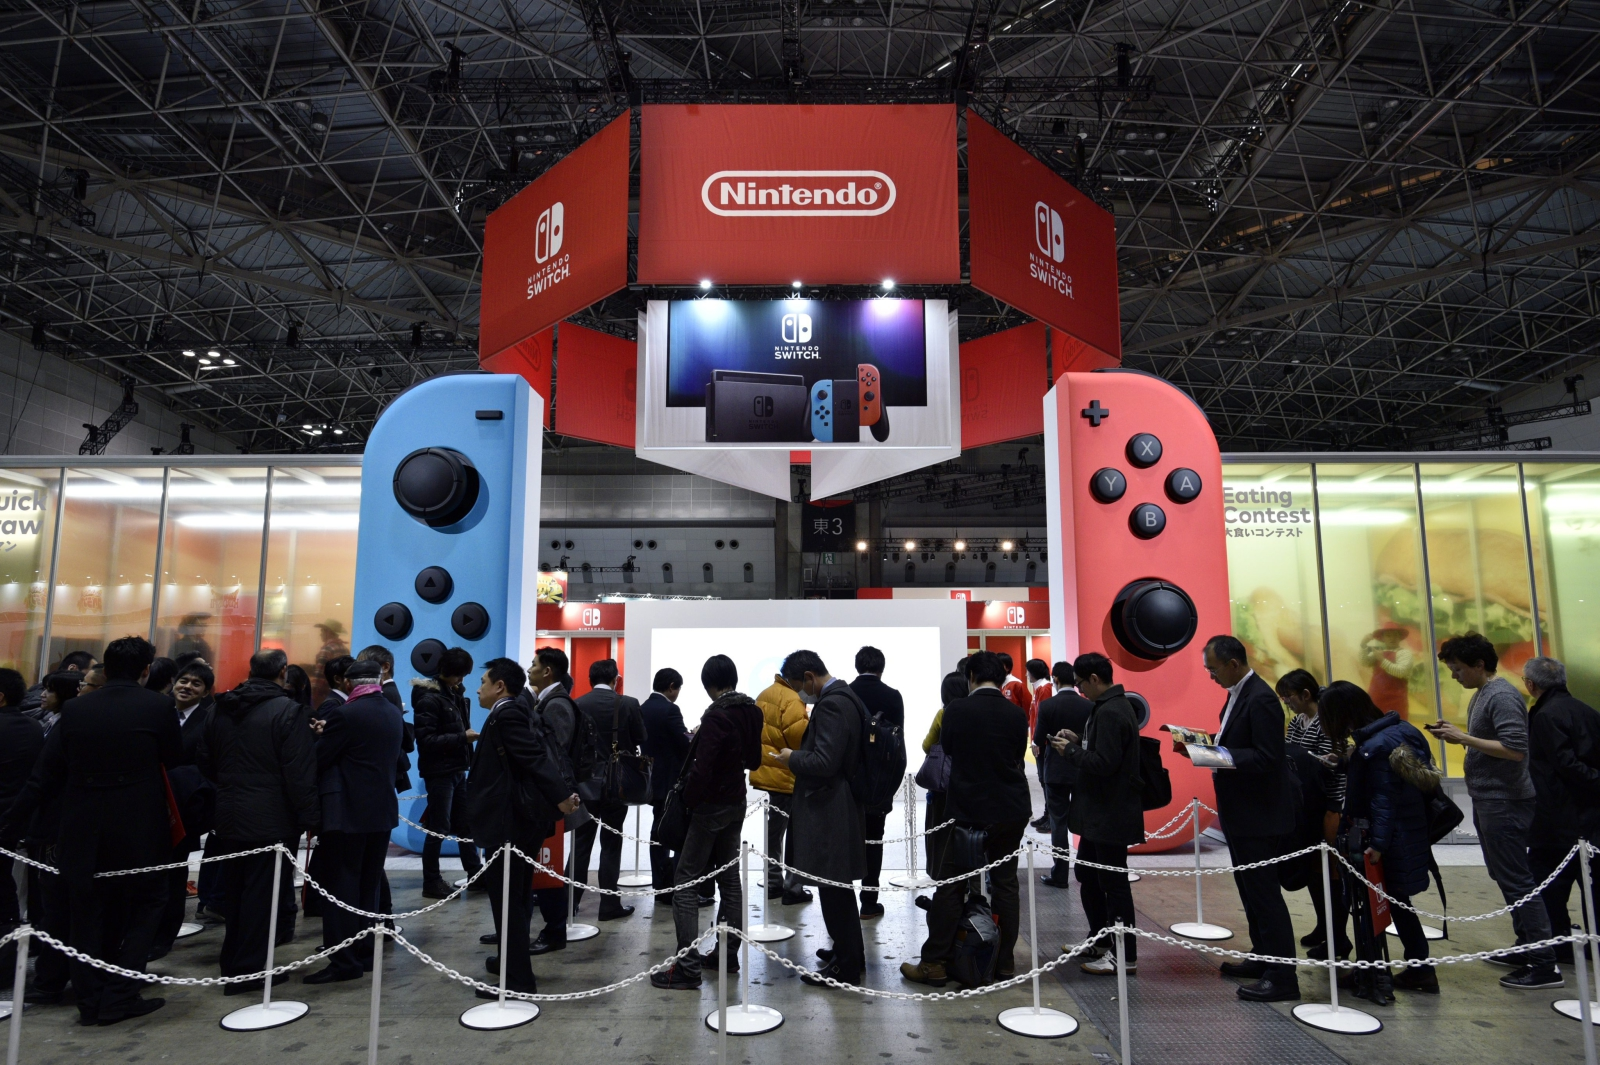 Japonia: kolejki do grania w Nintendo podczas prezentacji kolejnego, najnowszego modelu. Fot. PAP/EPA/FRANCK ROBICHON